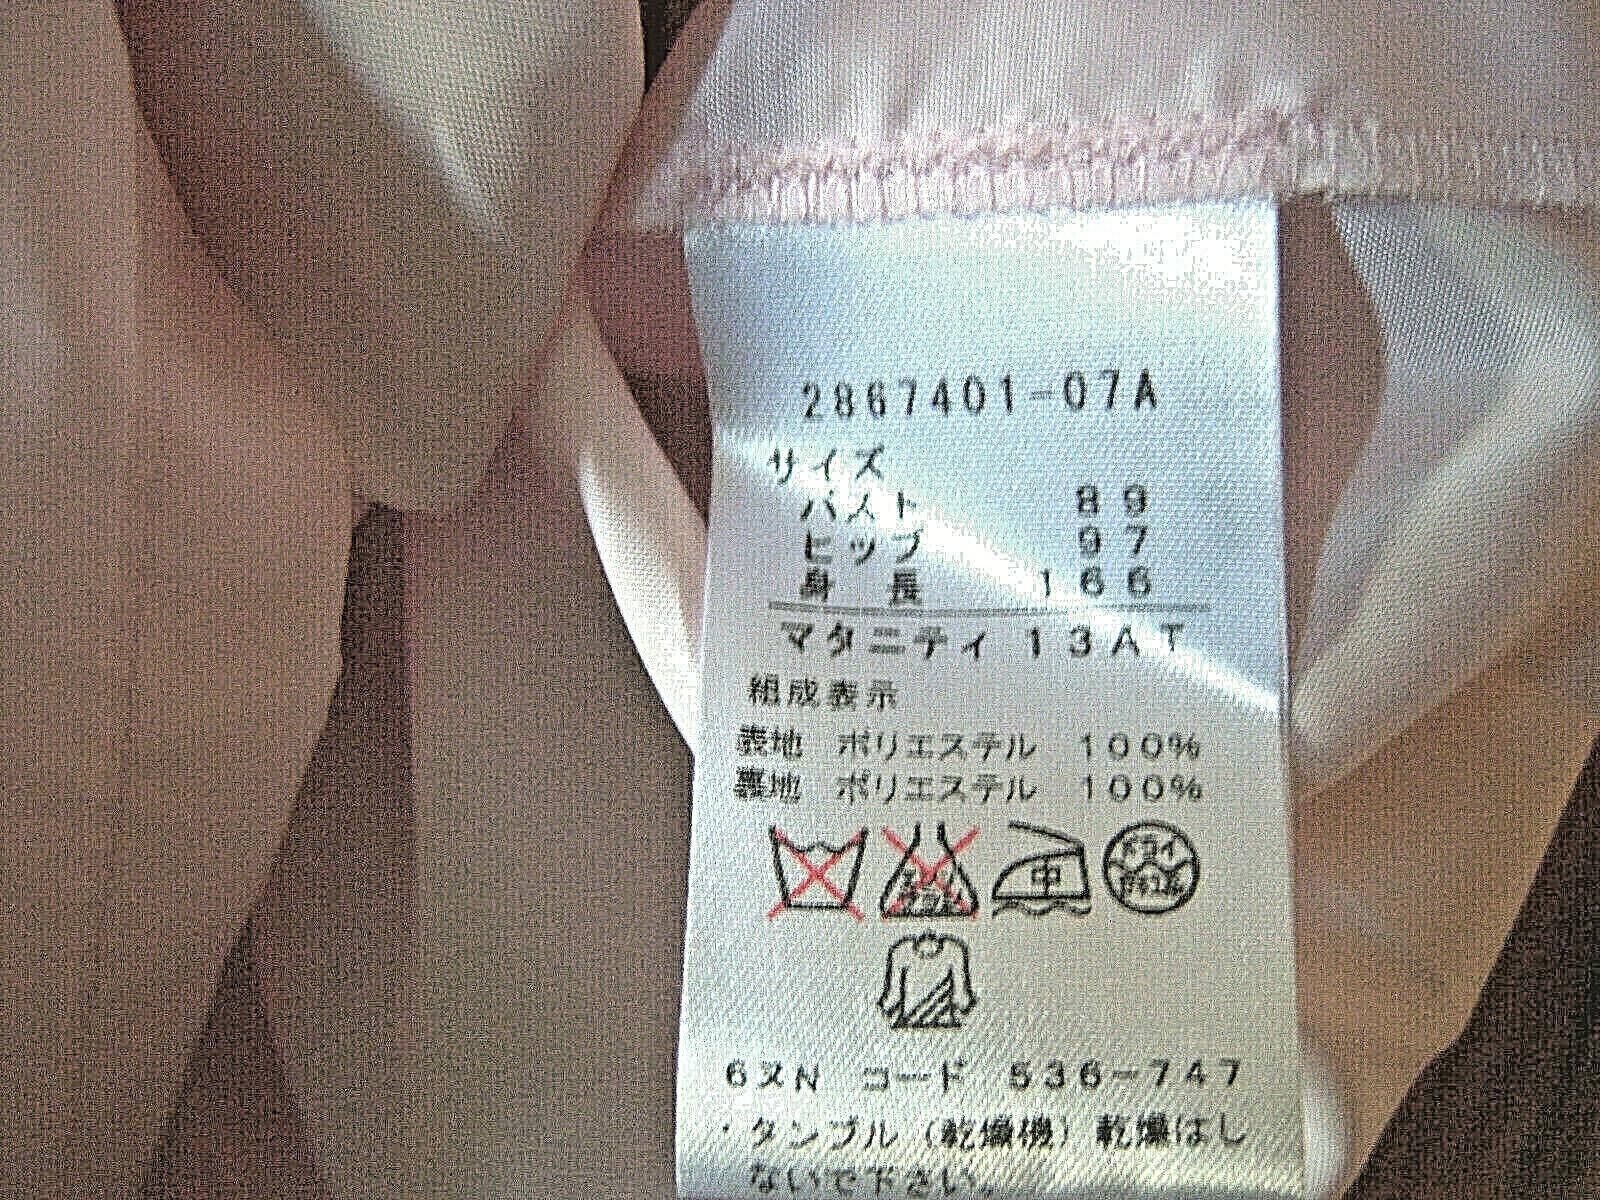 Women's fancy chiffon dress size L dusty rose pink - image 7